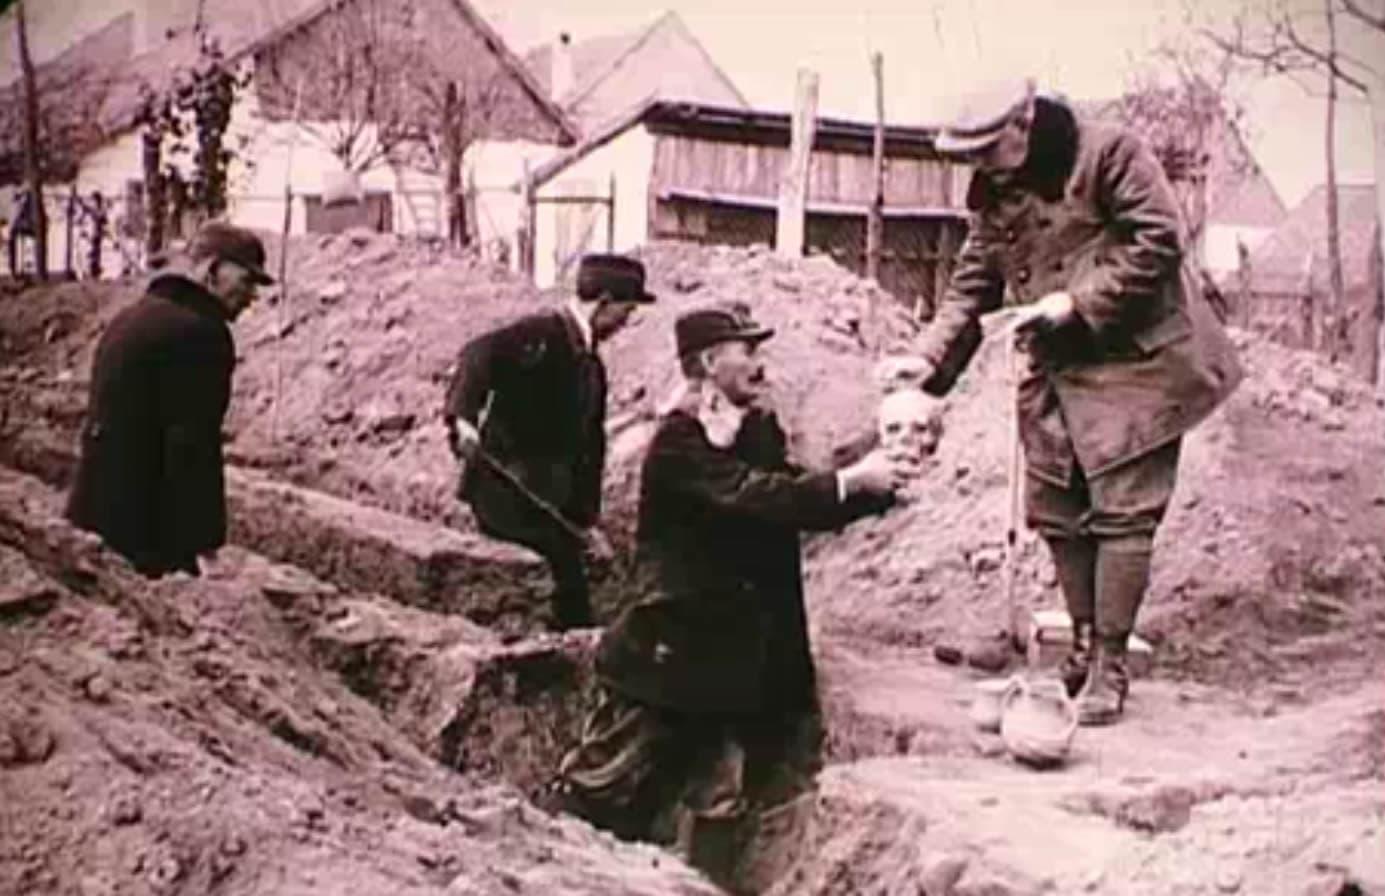 Négyezeréves bronzkori temetőt talált Szőregen Móra Ferenc